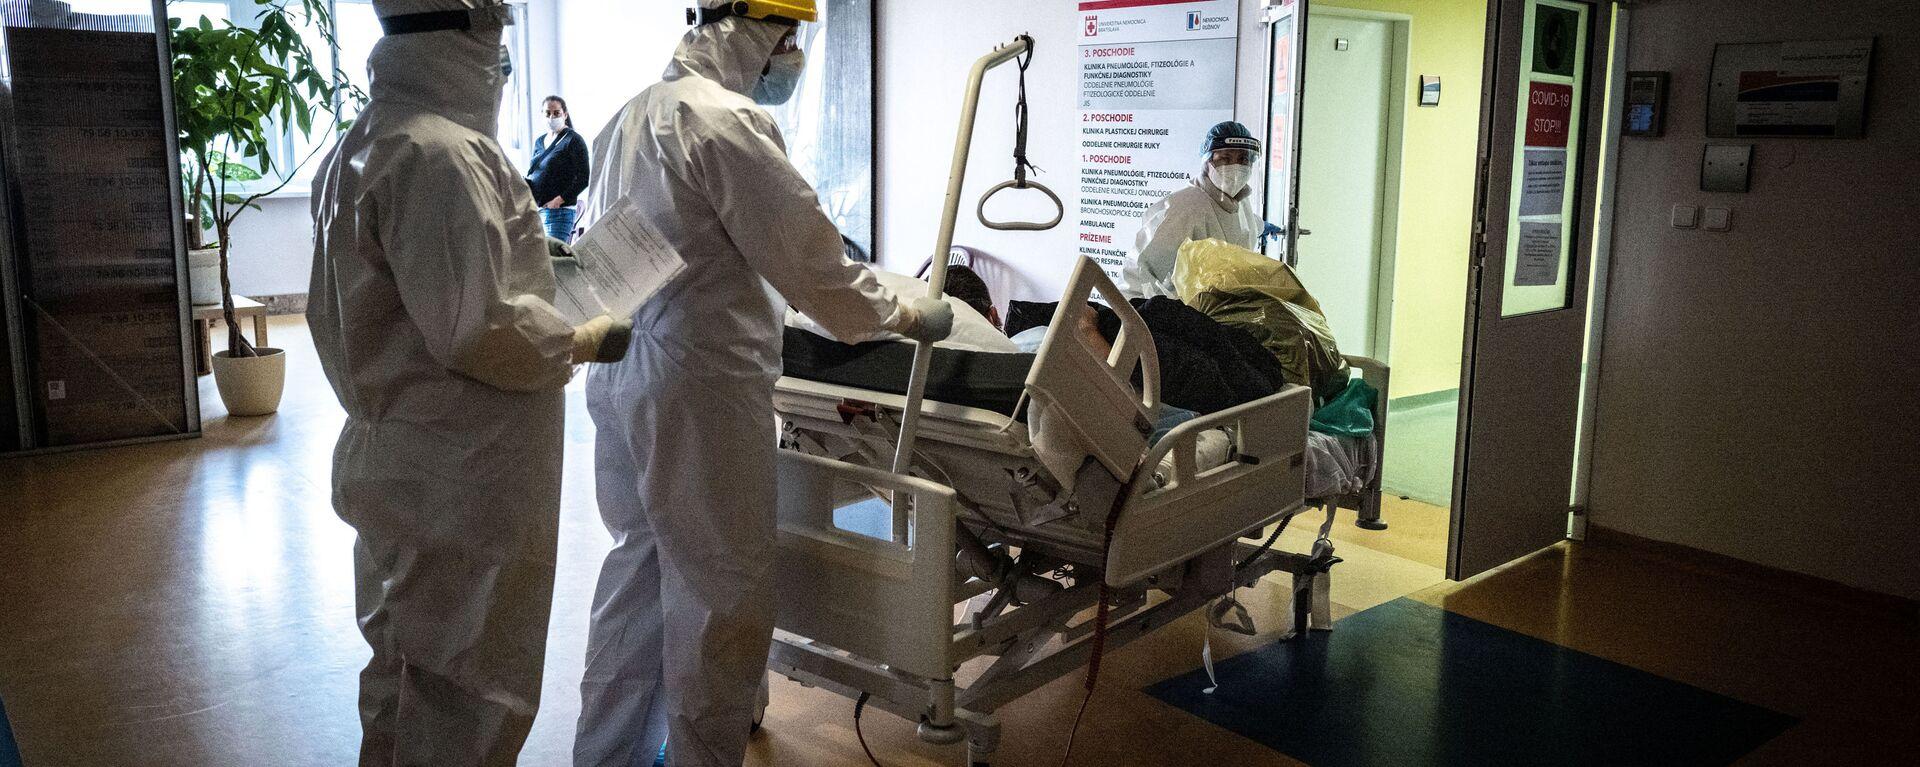 Lékaři transportují pacienta s koronavirem na pulmonologické oddělení nemocnice Ruzinov v Bratislavě - Sputnik Česká republika, 1920, 04.07.2021